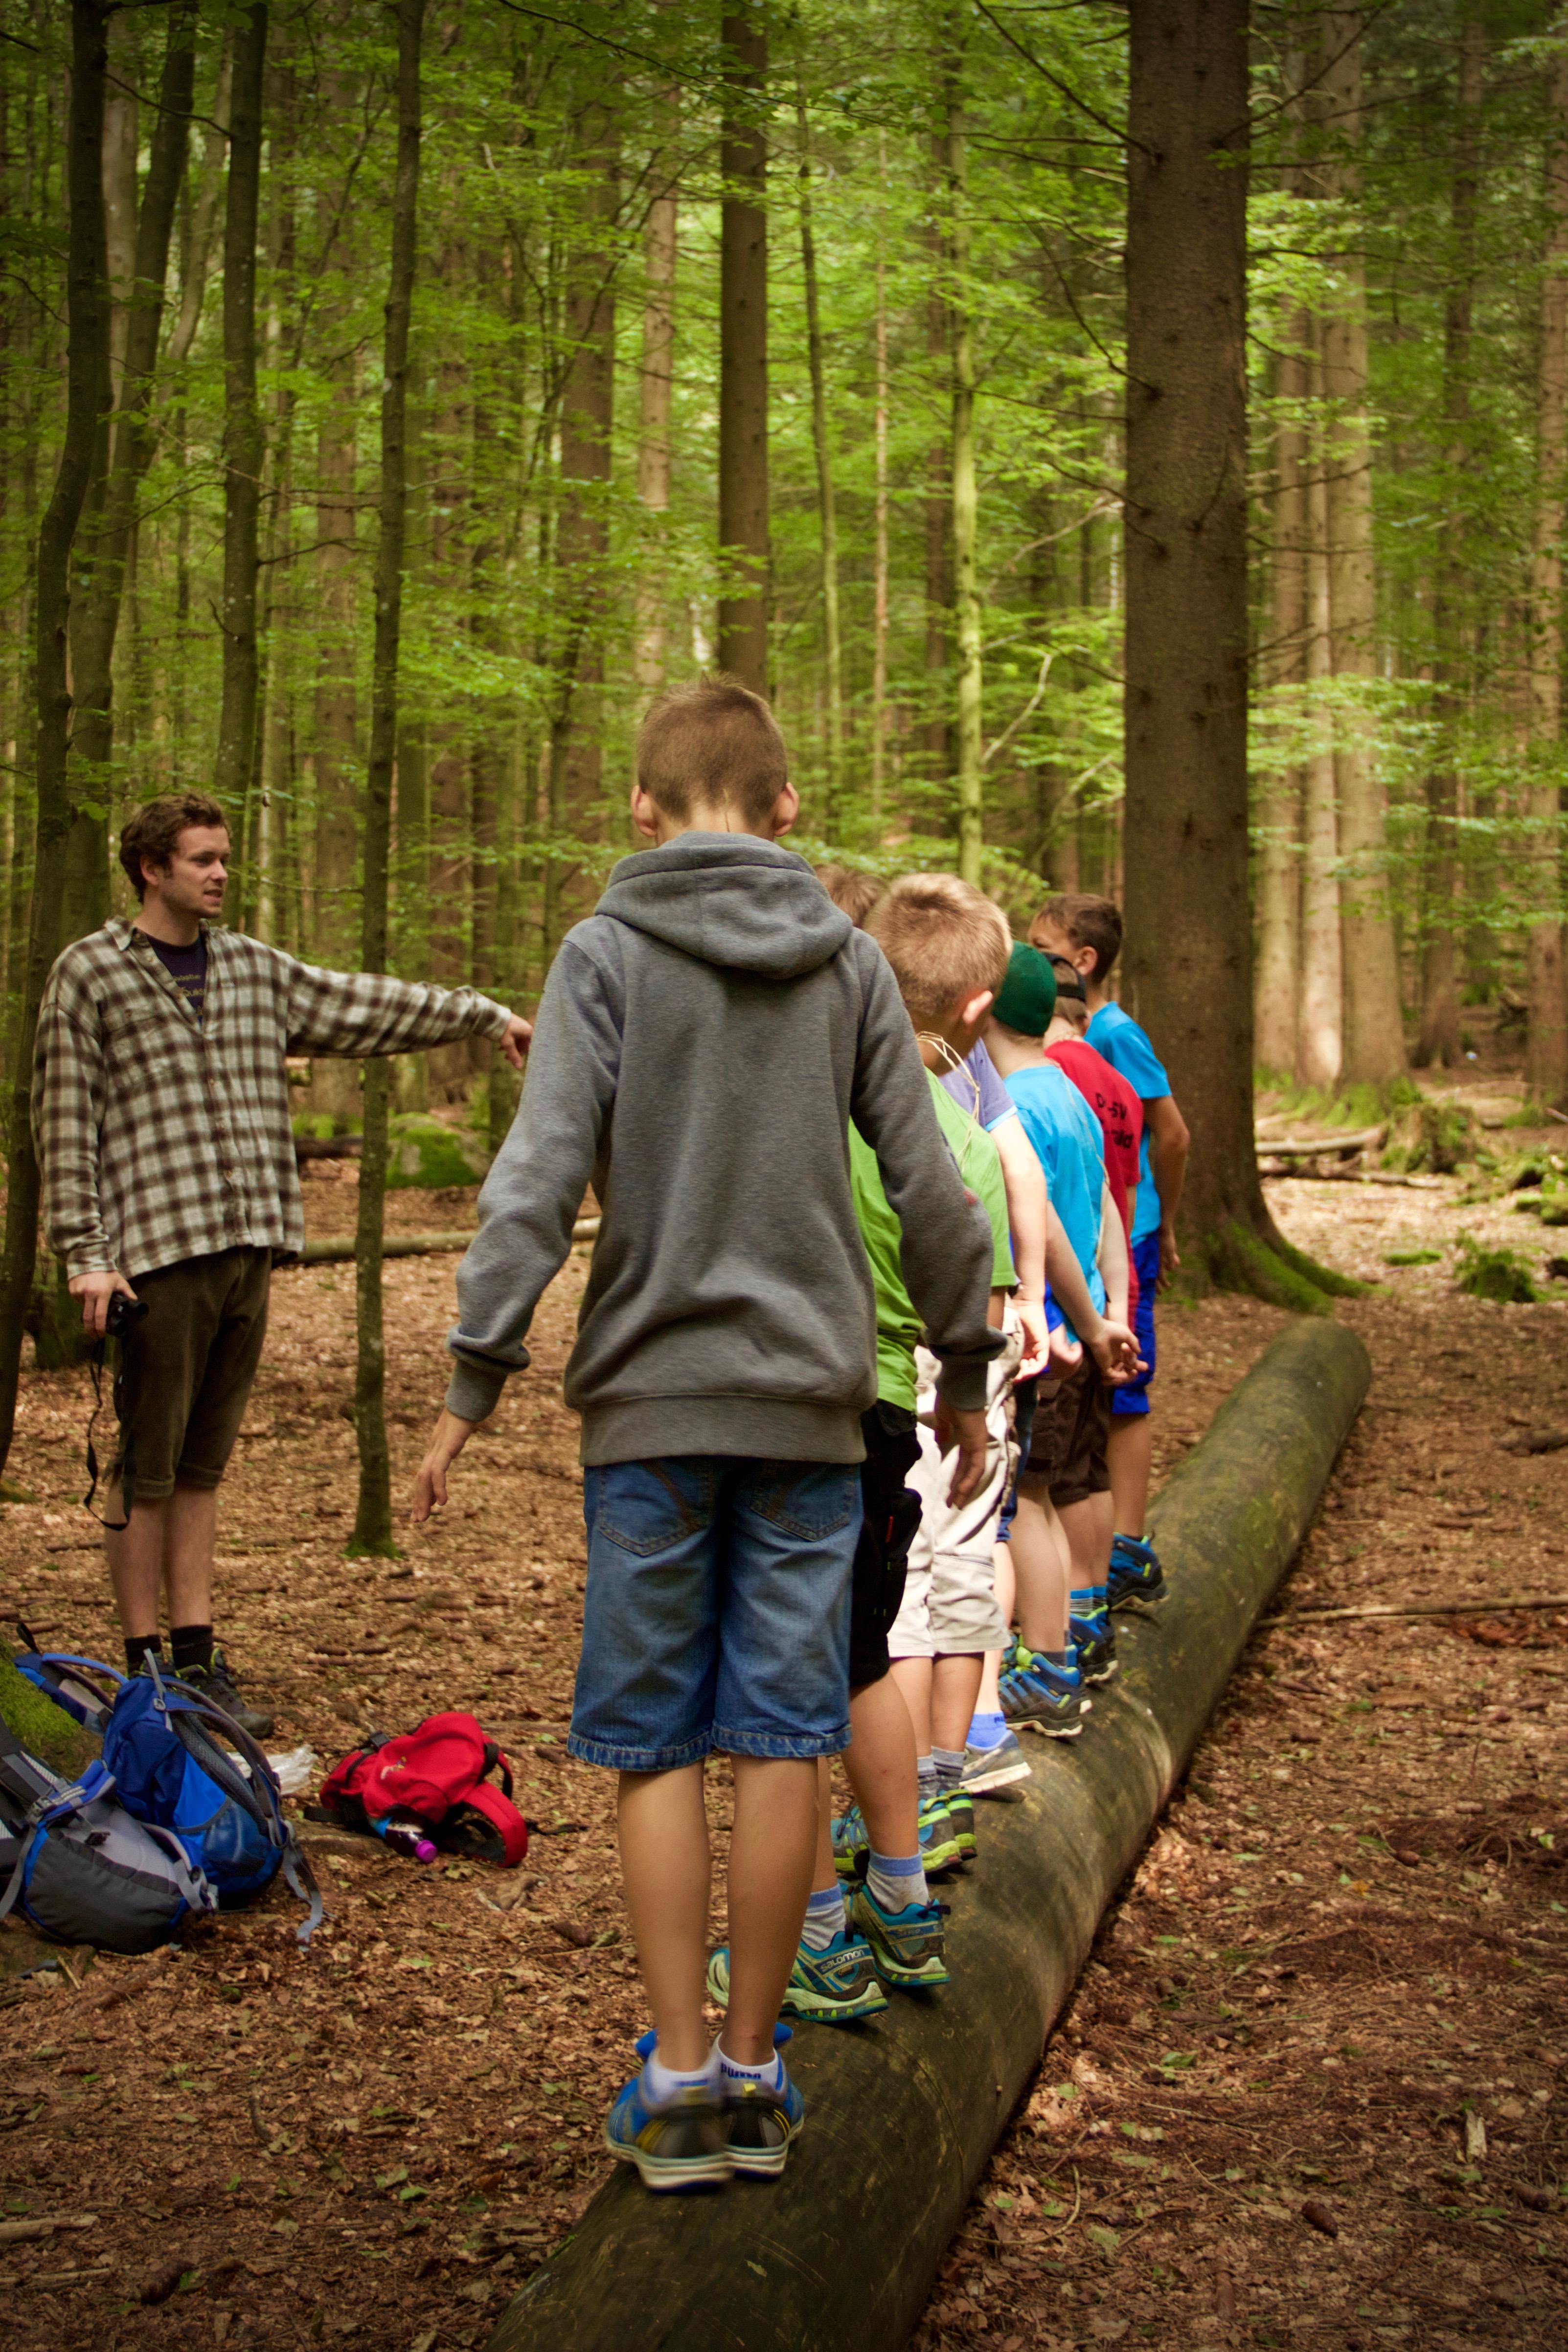 Die Bildungsarbeit mit Kindern, wie hier im Waldspielgelände bei Spiegelau, gehört zu den Aufgabenschwerpunkten der Commerzbank-Umweltpraktikanten (Foto: Irene Gianordoli/Nationalpark Bayerischer Wald)